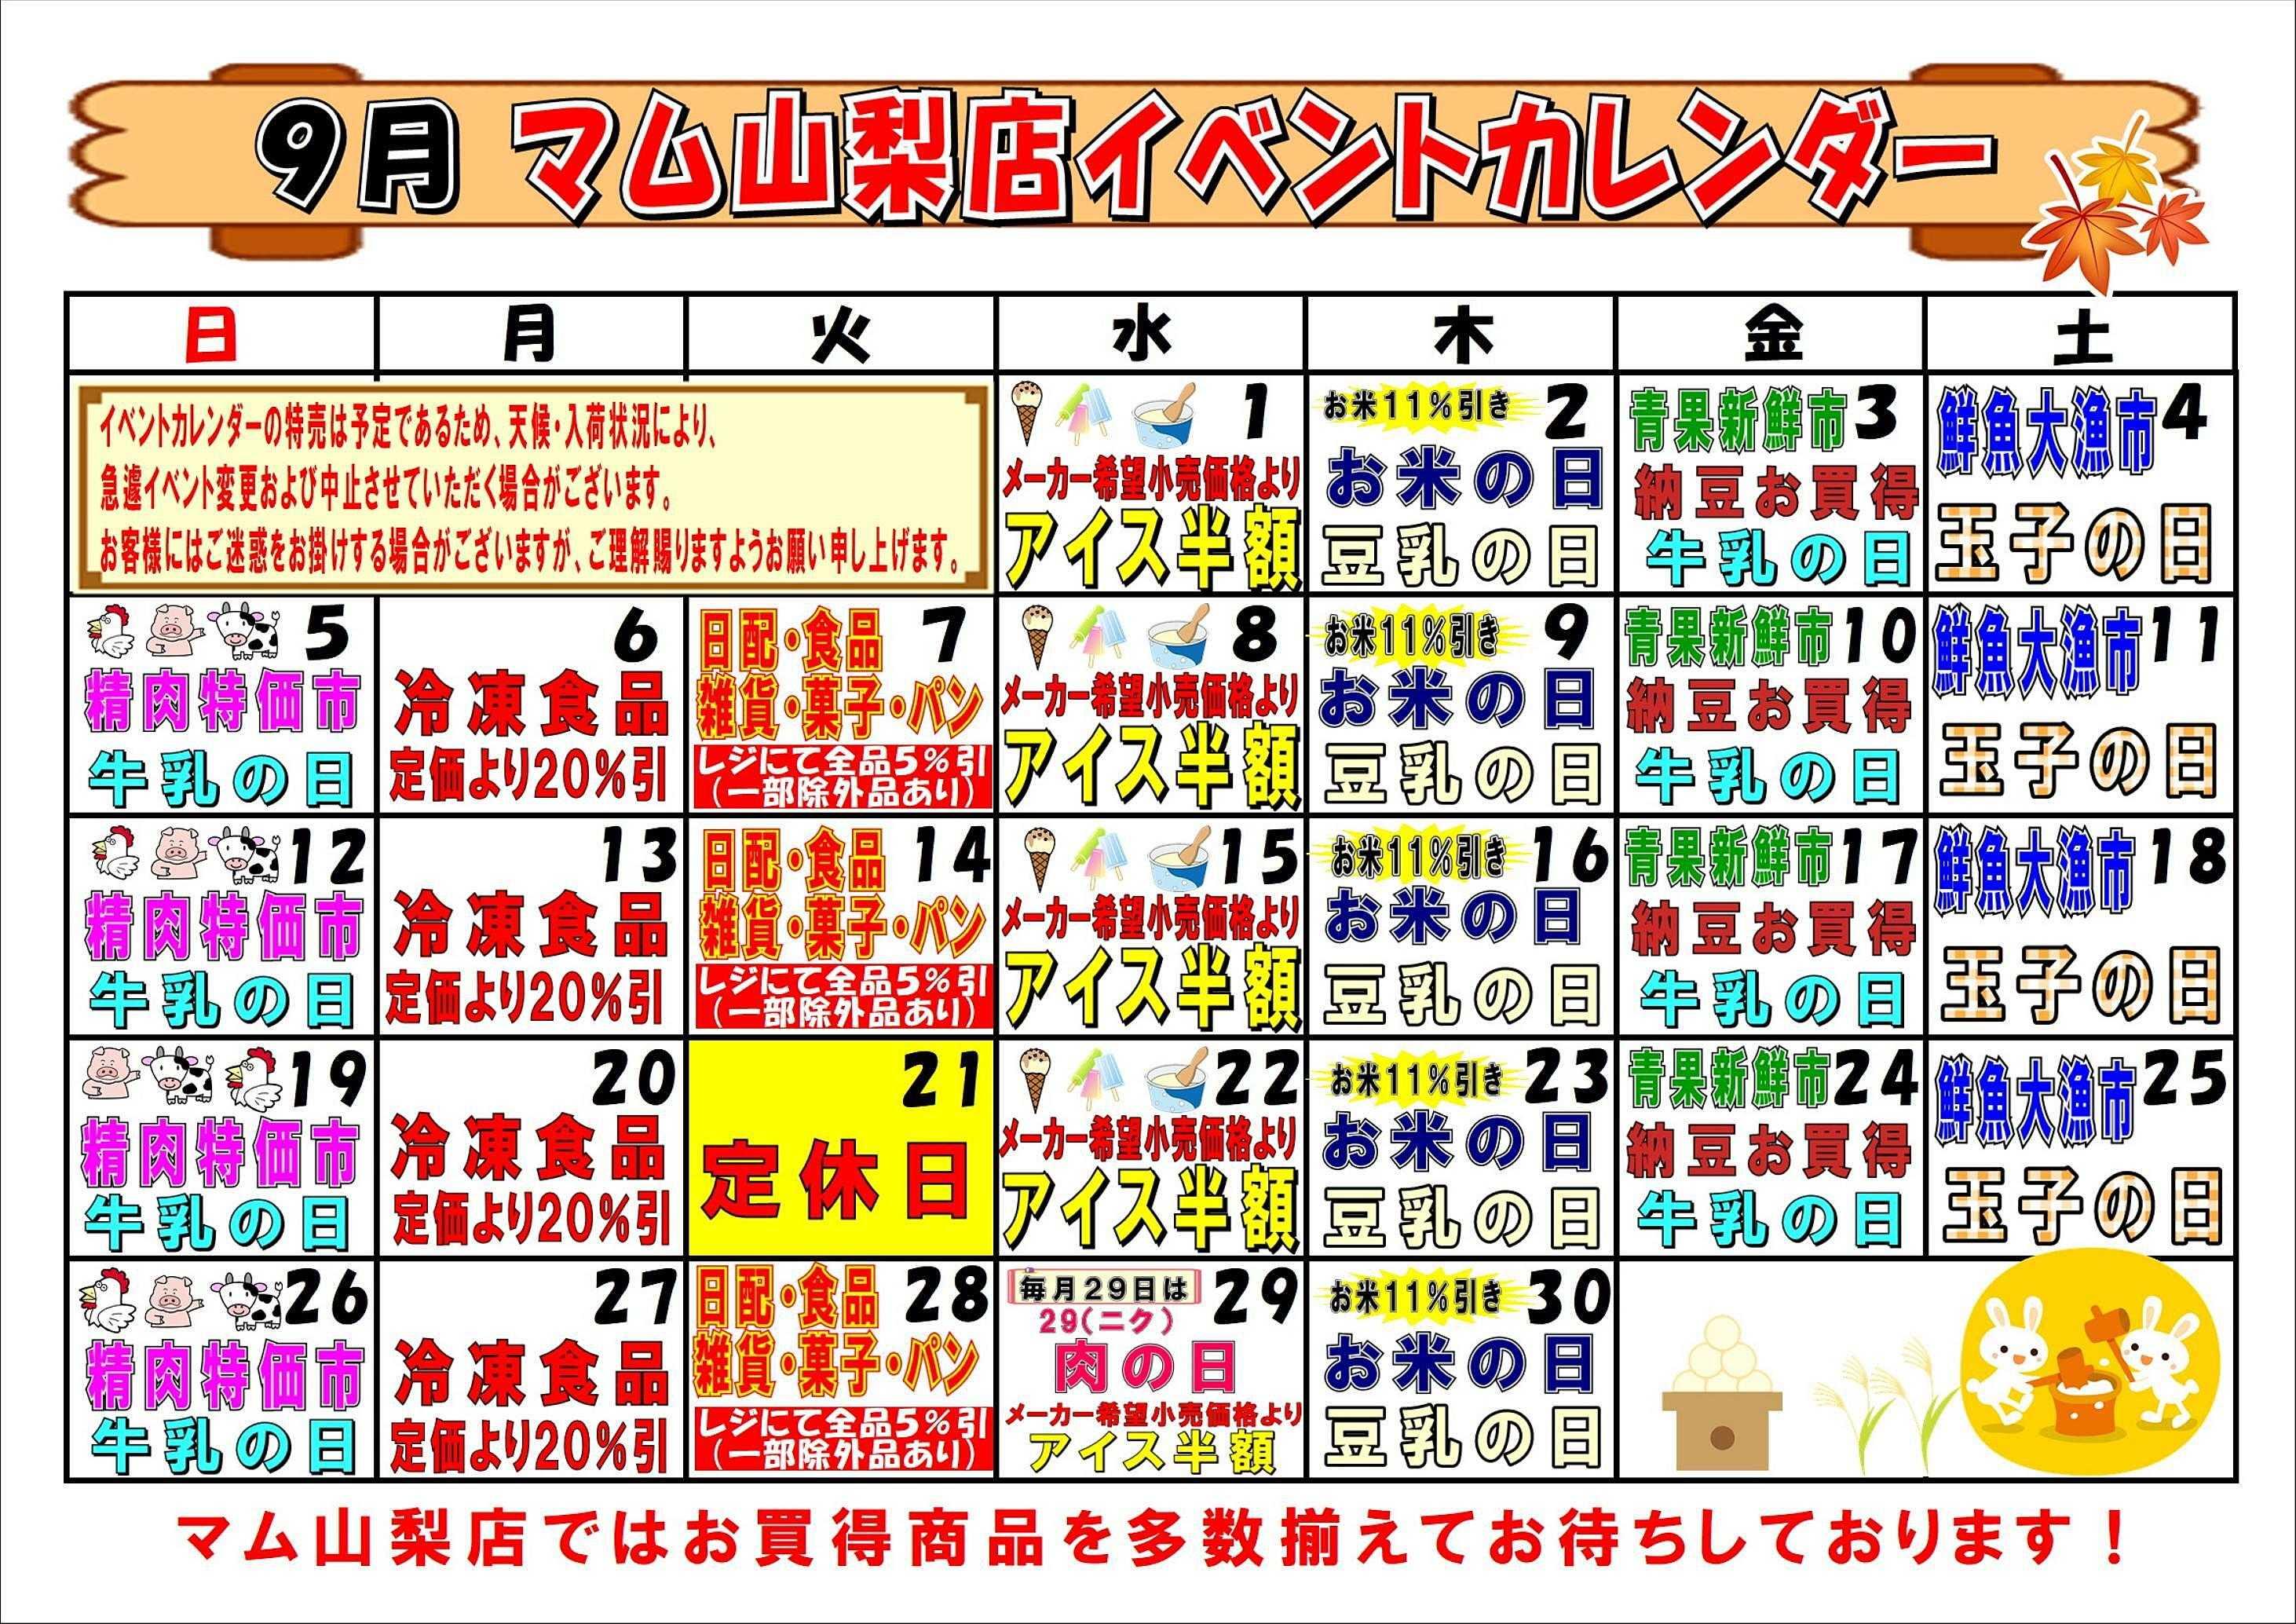 フードマーケット マム マム山梨店イベントカレンダー